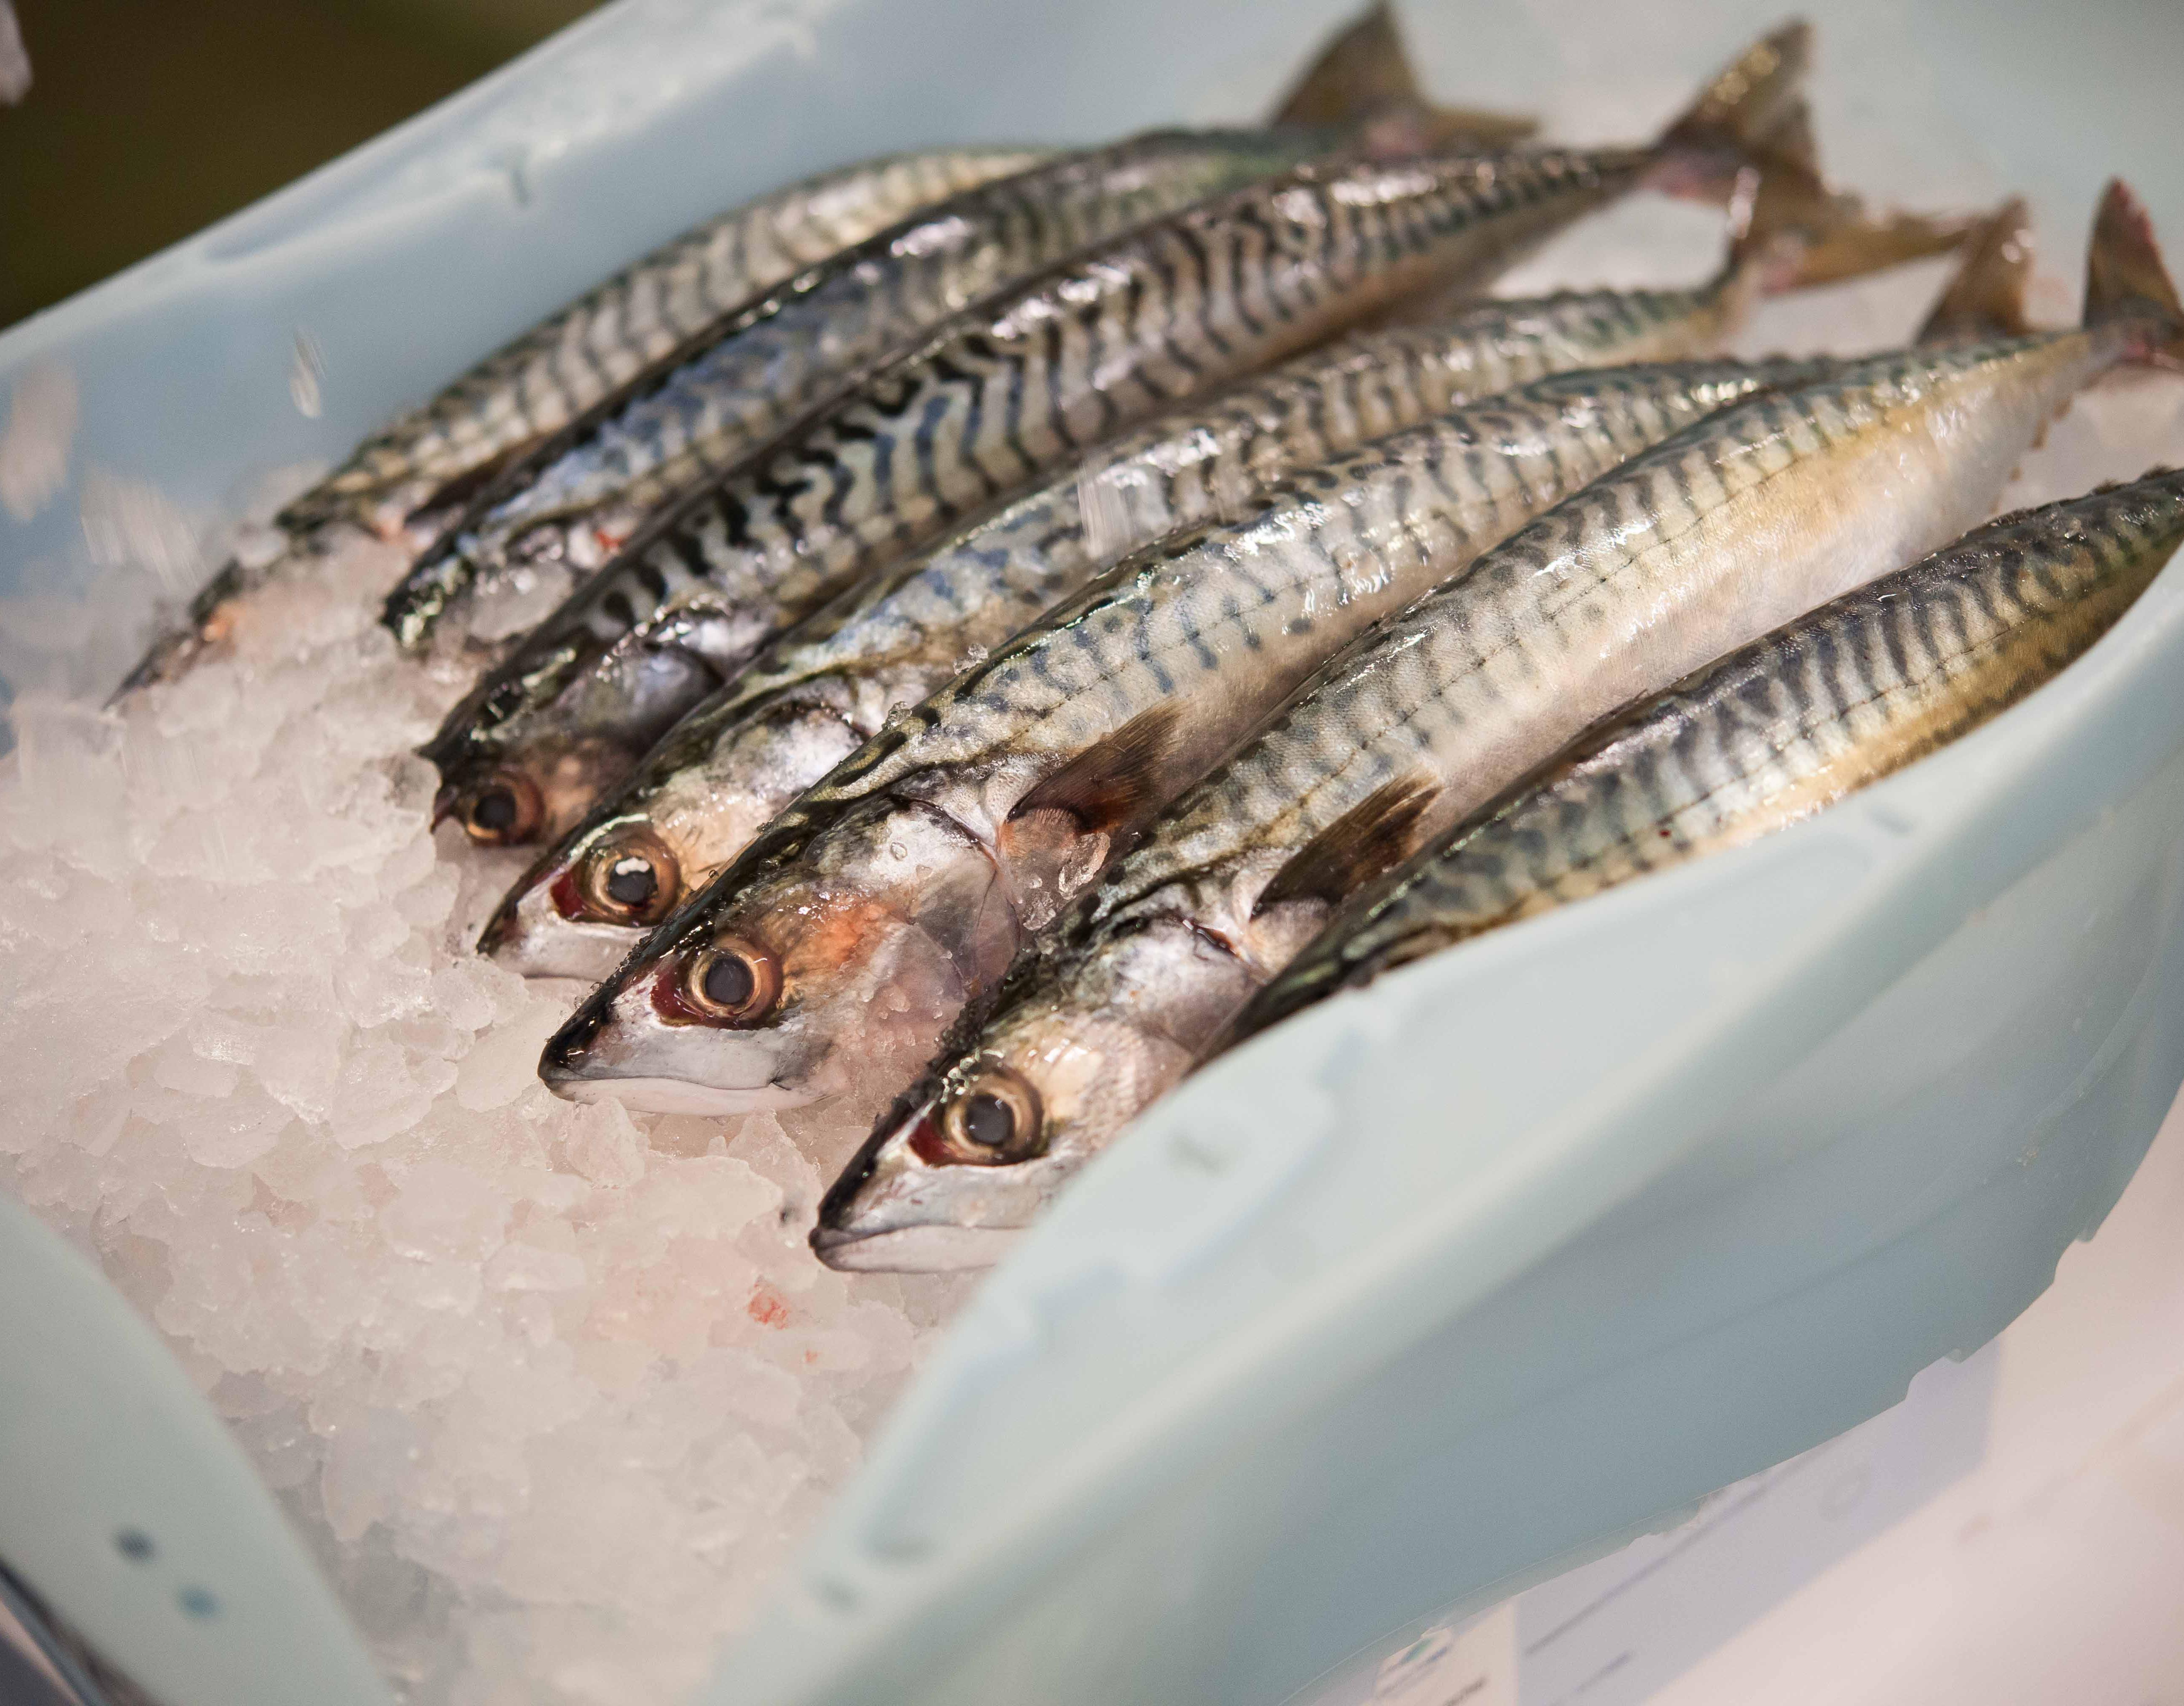 Fischfang & Aquakultur